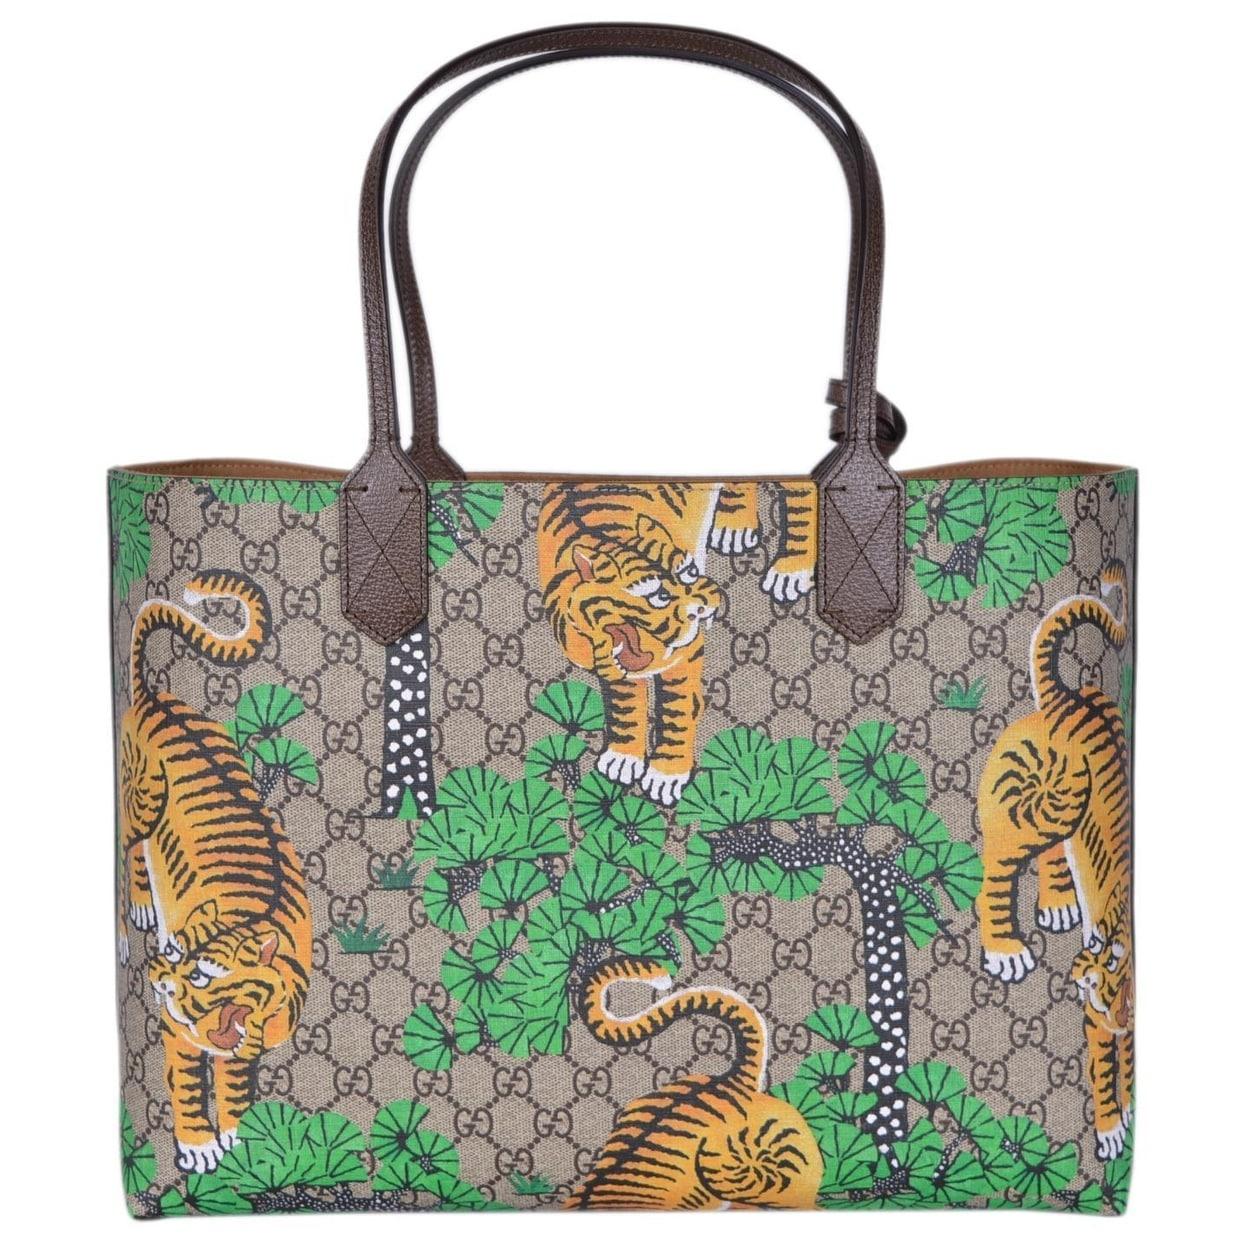 21558c3a9534 Shop Gucci Women's 412096 GG Supreme Bengal Tiger Purse Tote Handbag - Multi  - 14.96